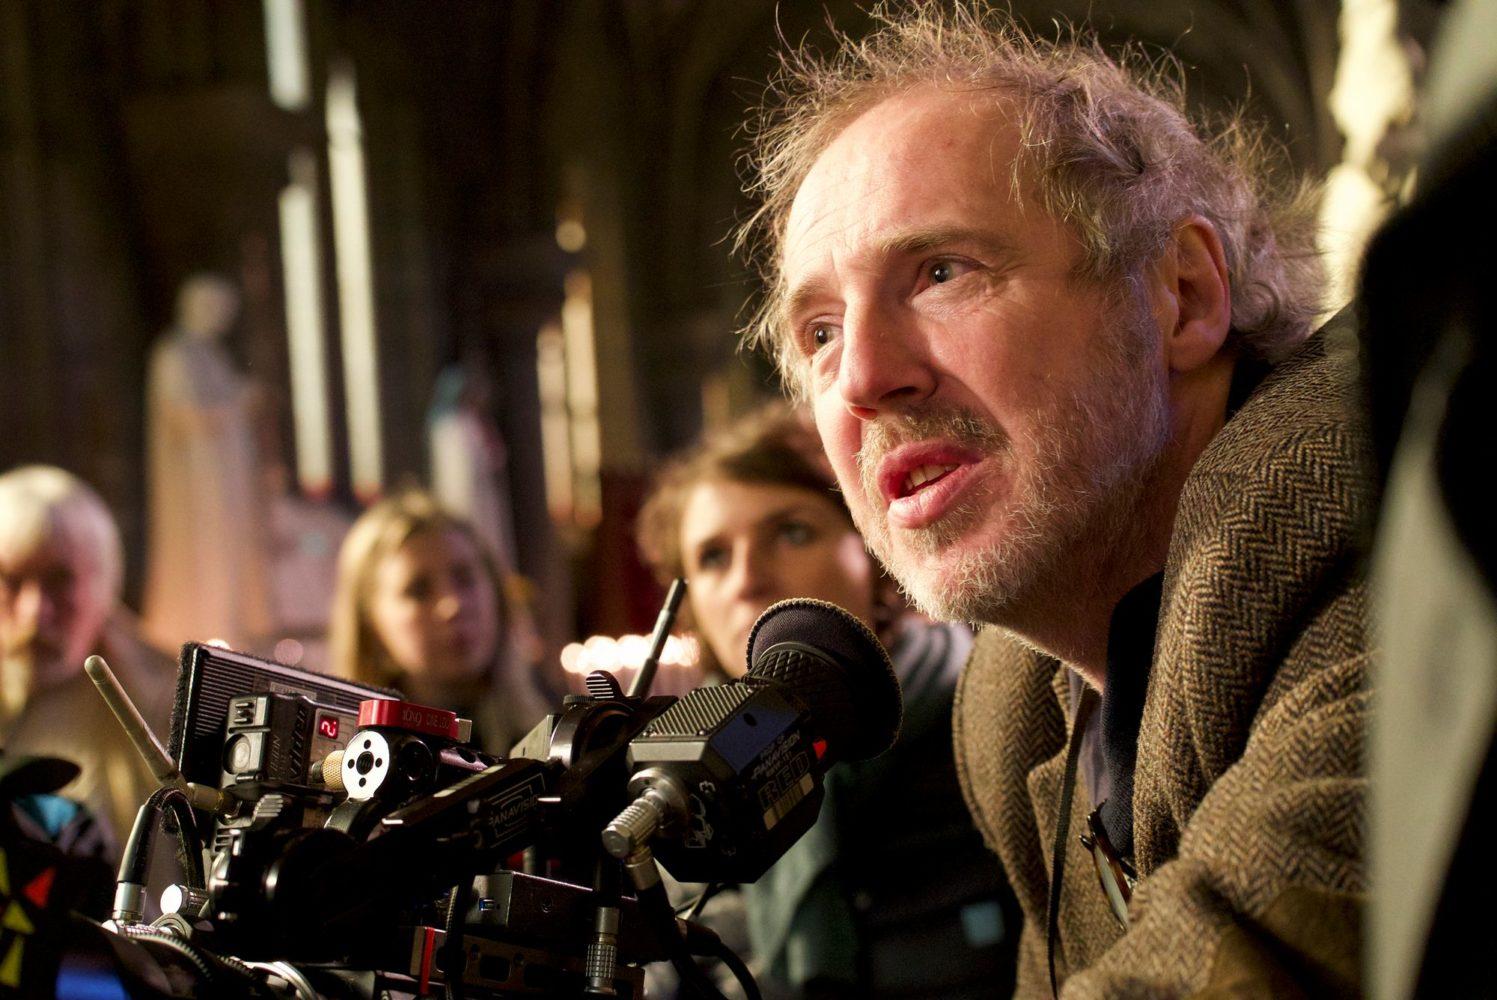 Une balade cinéma à travers les lieux de tournage de Roubaix…